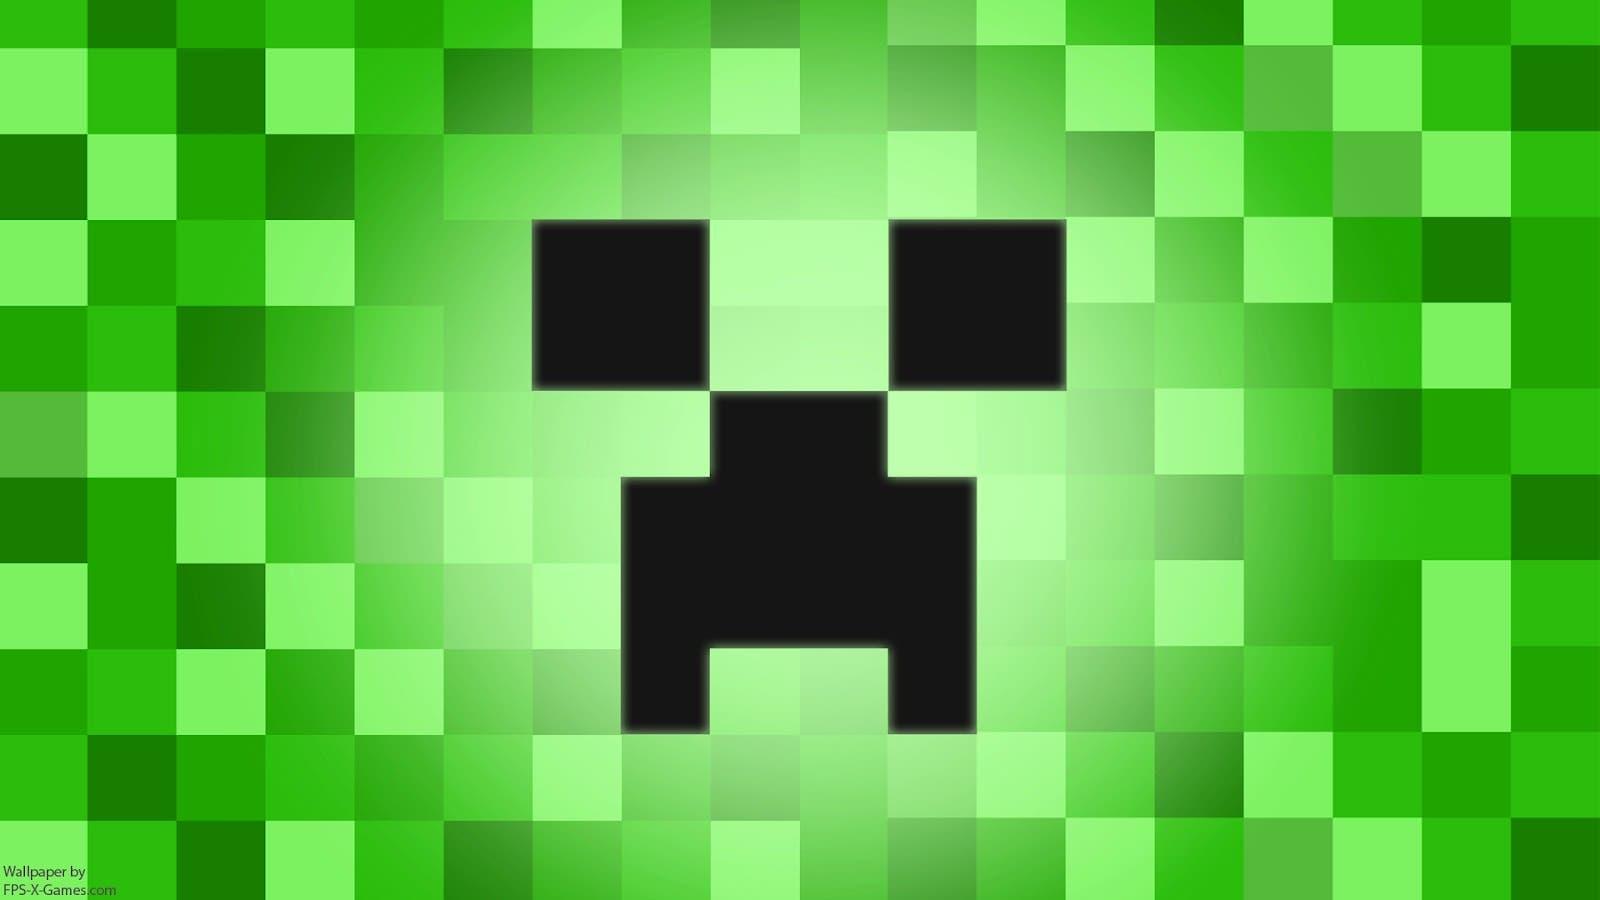 'Minecraft: Wii U Edition' recupera el trono en la lista de ventas en la eShop de Wii U (18/2/16)